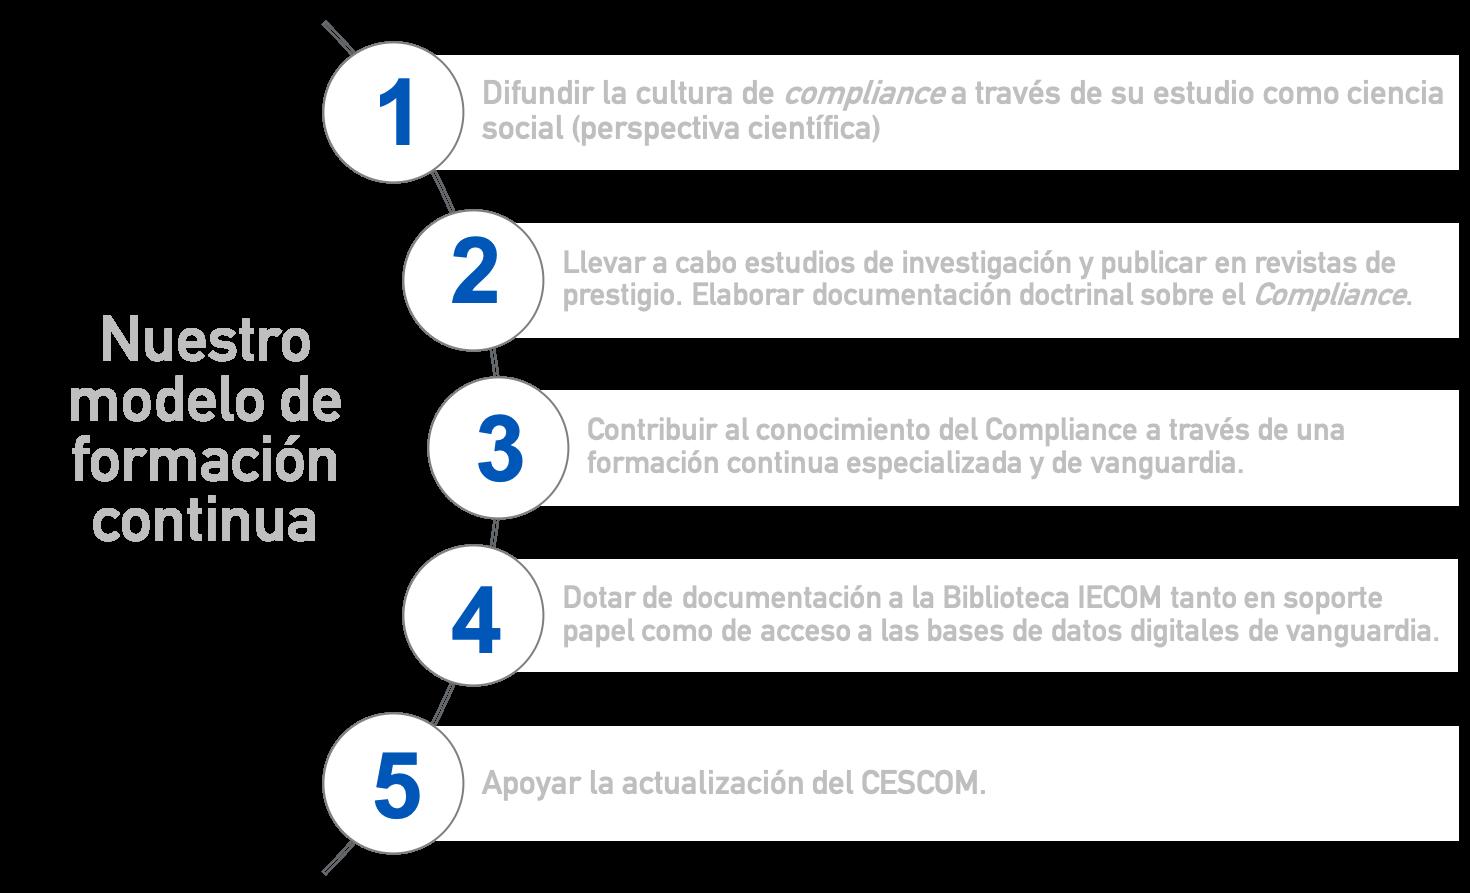 Objetivos de formación continua IECOM